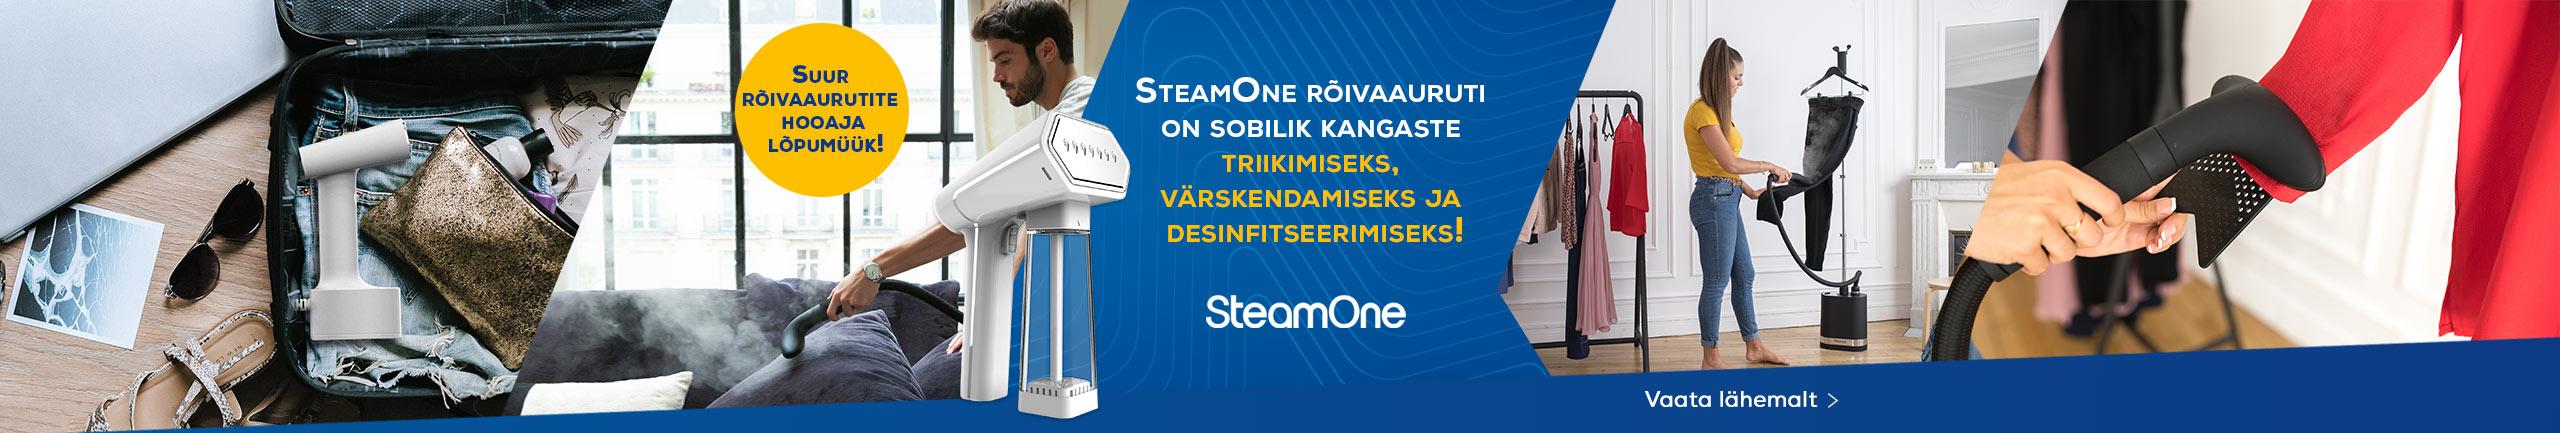 SteamOne steamer